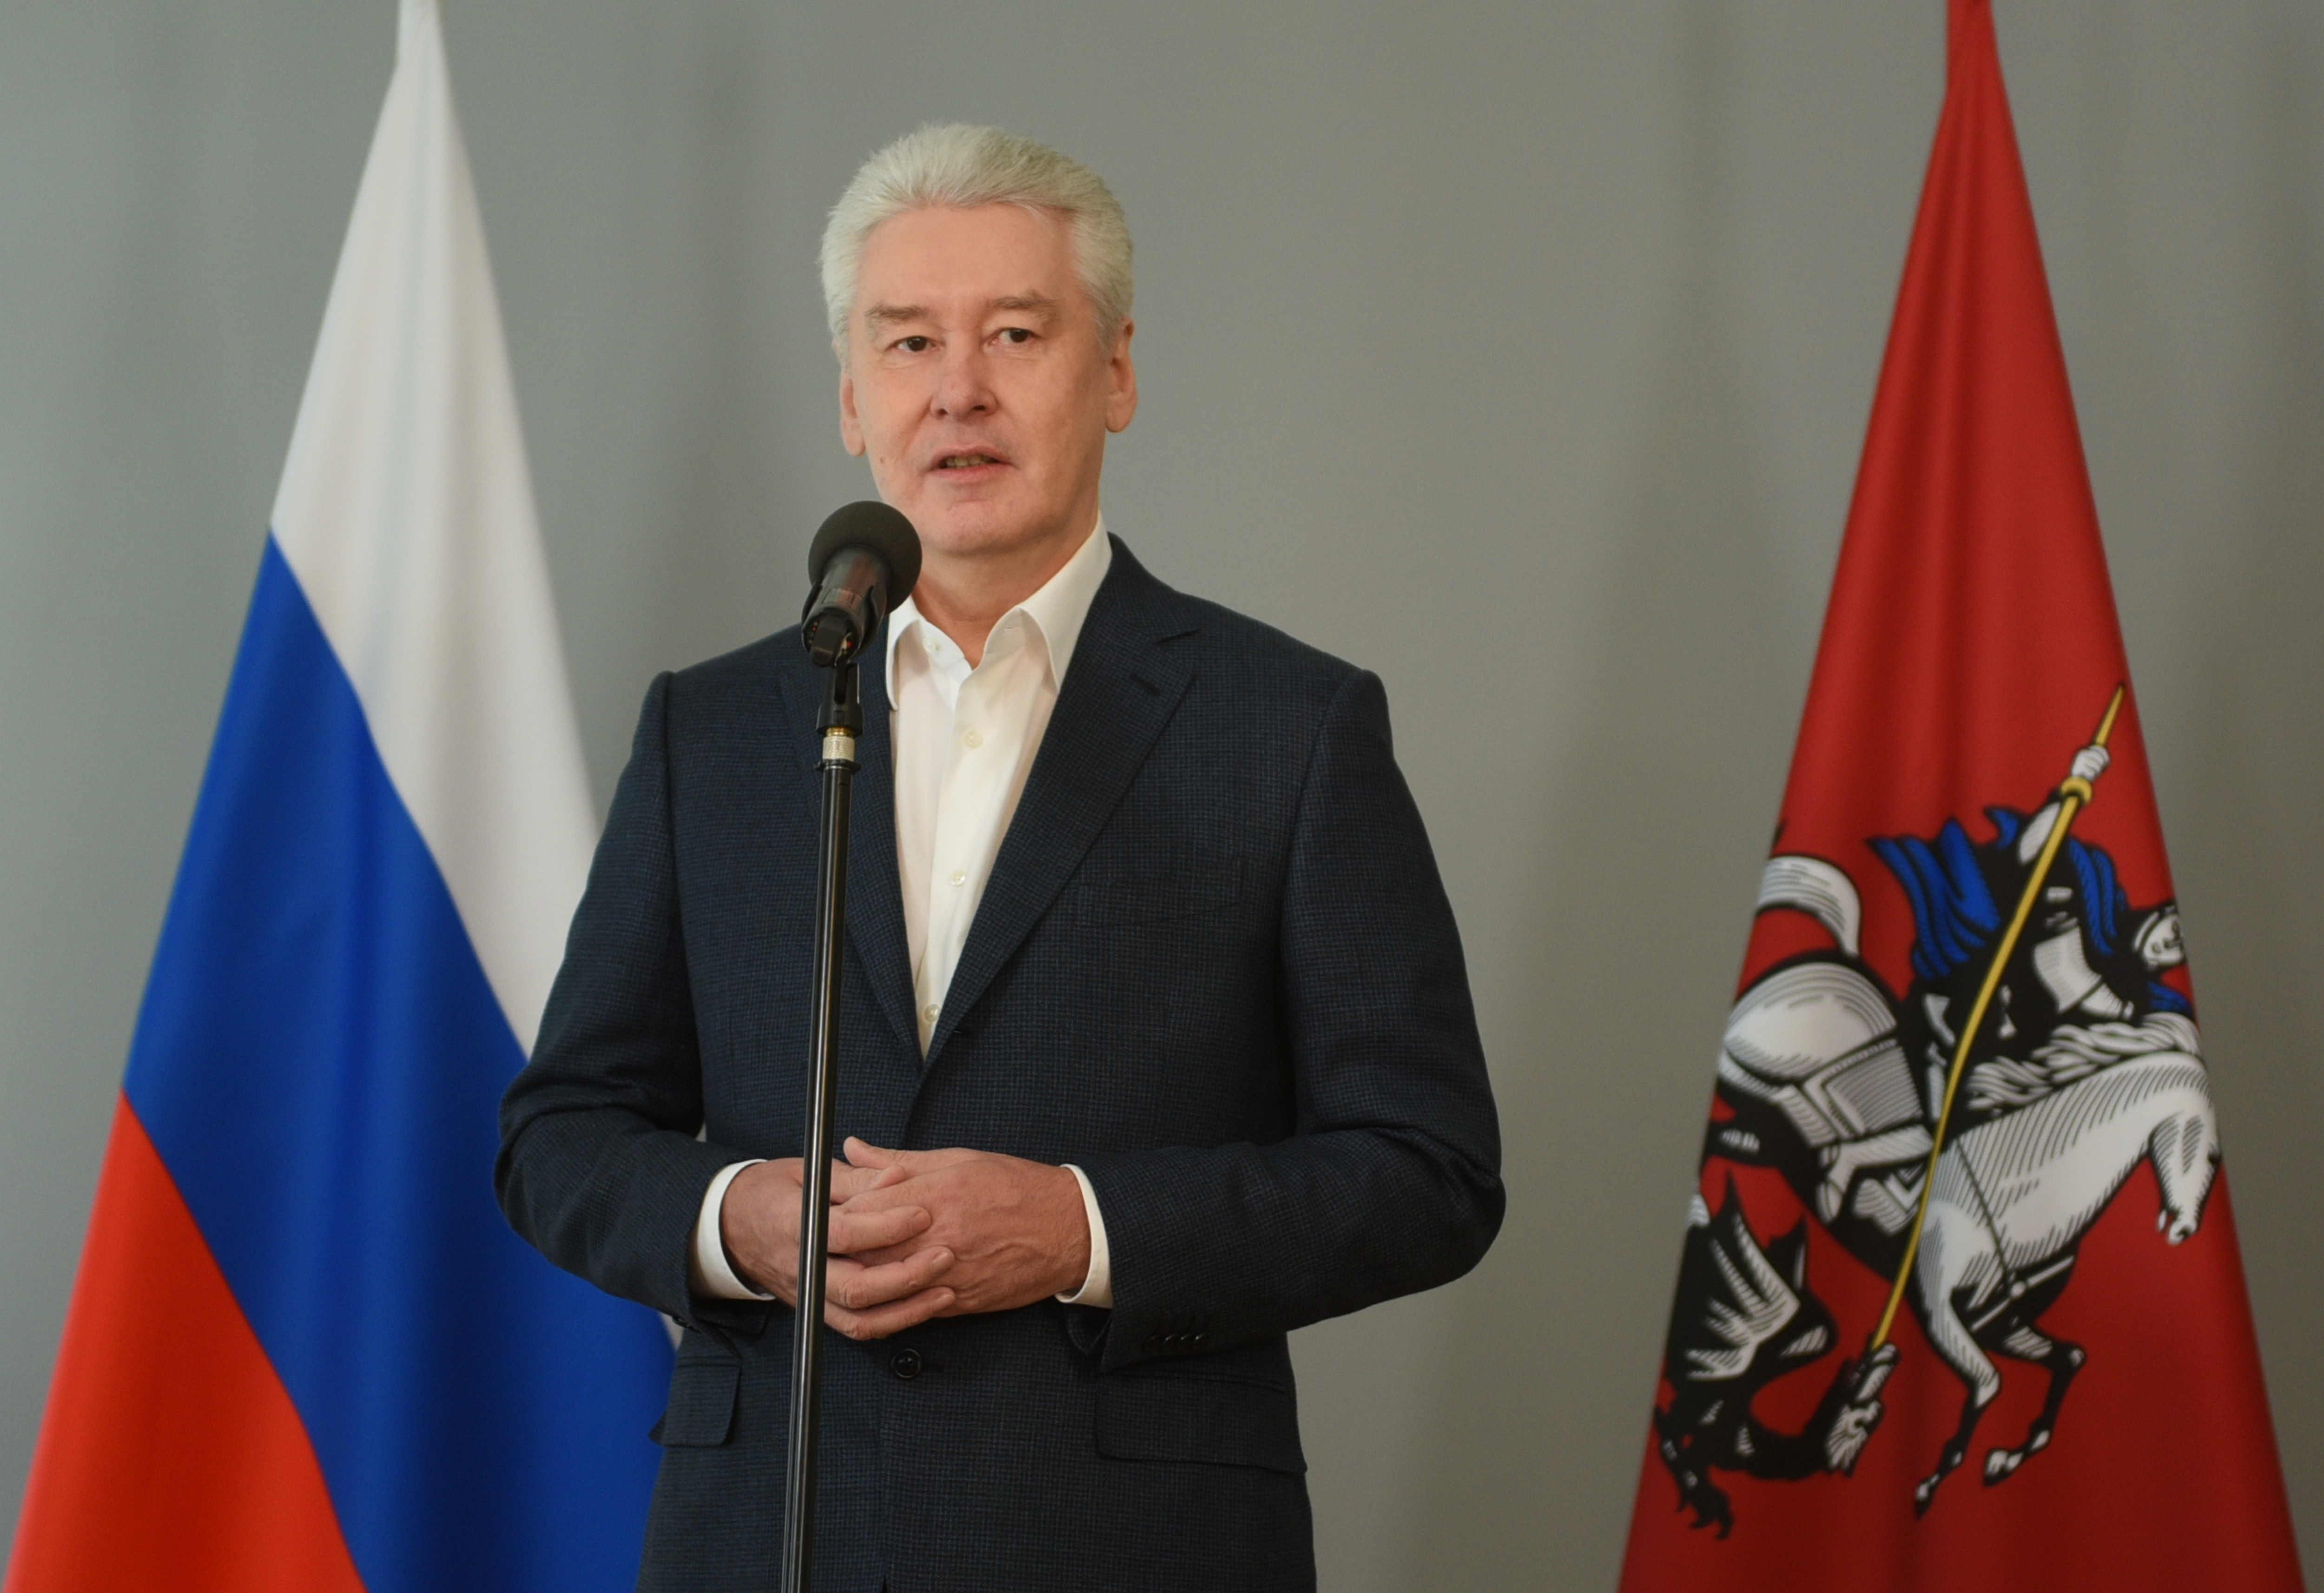 Сергей Собянин заявил о продлении работы павильонов «Здоровая Москва»